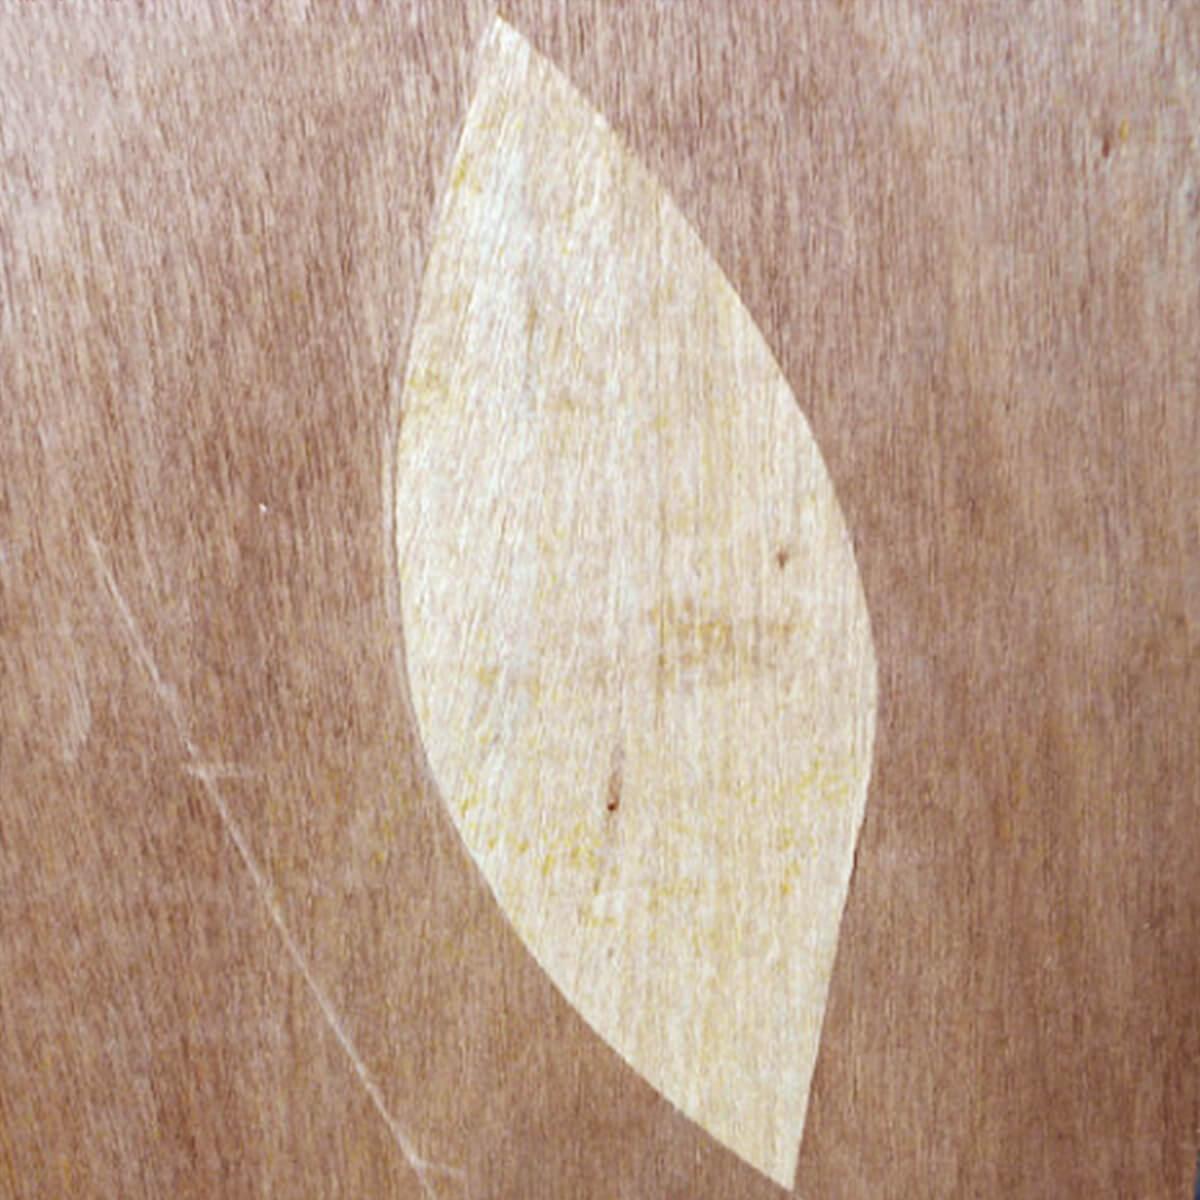 ベニヤ板 合板 5.5x600x450(mm)